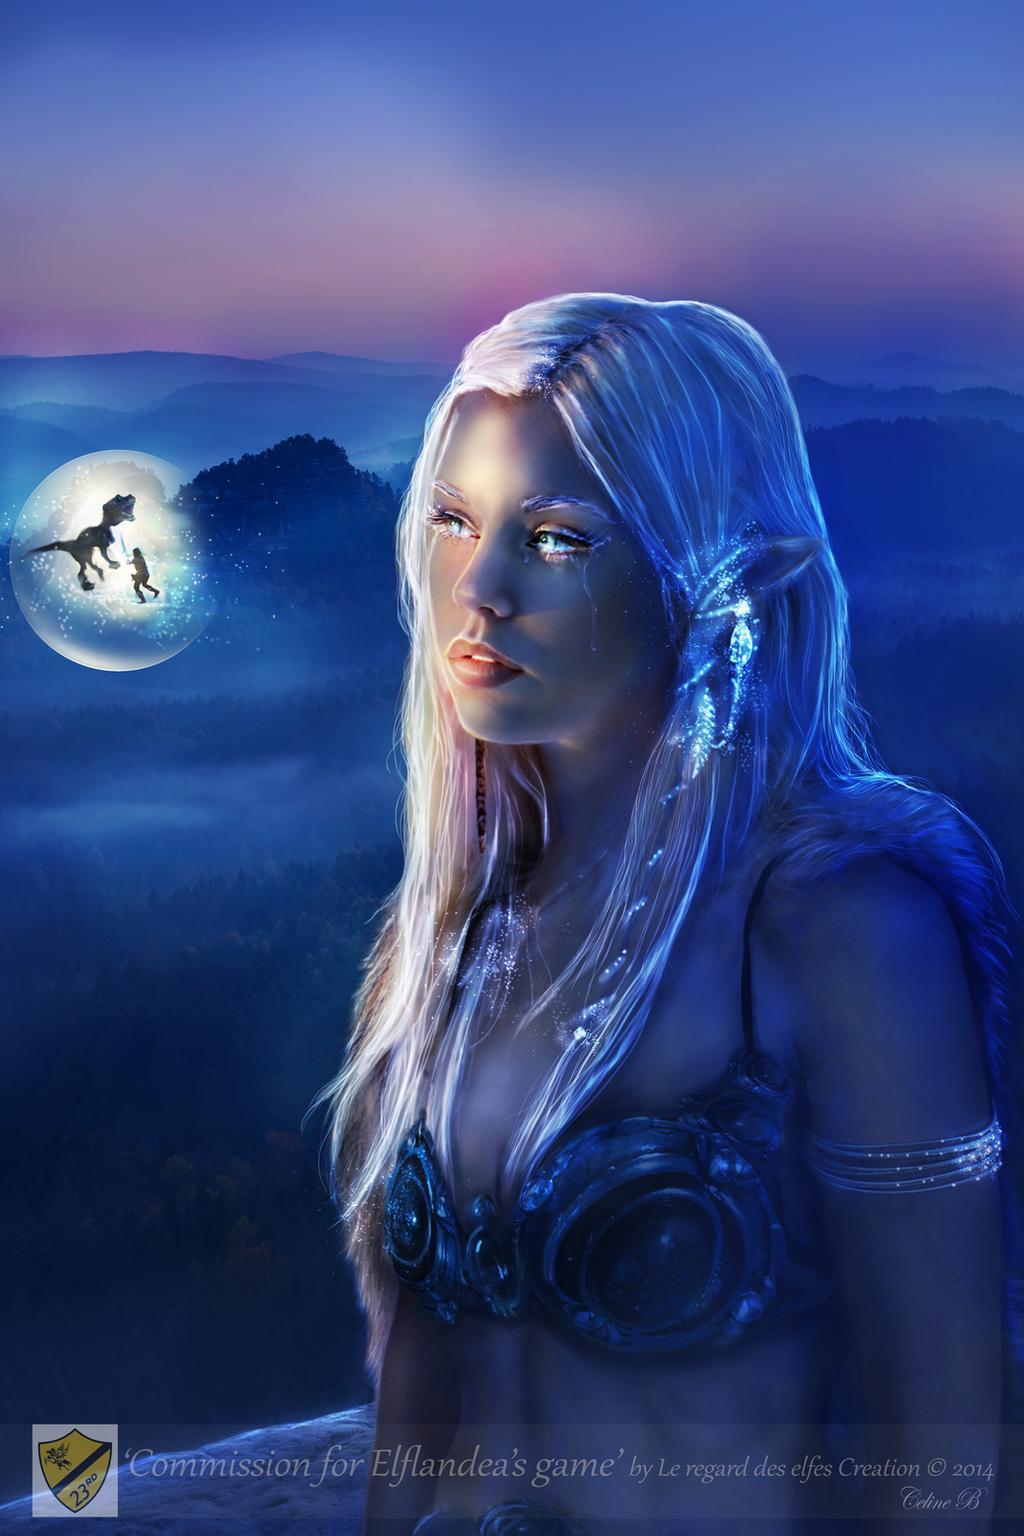 Le regard des elfes